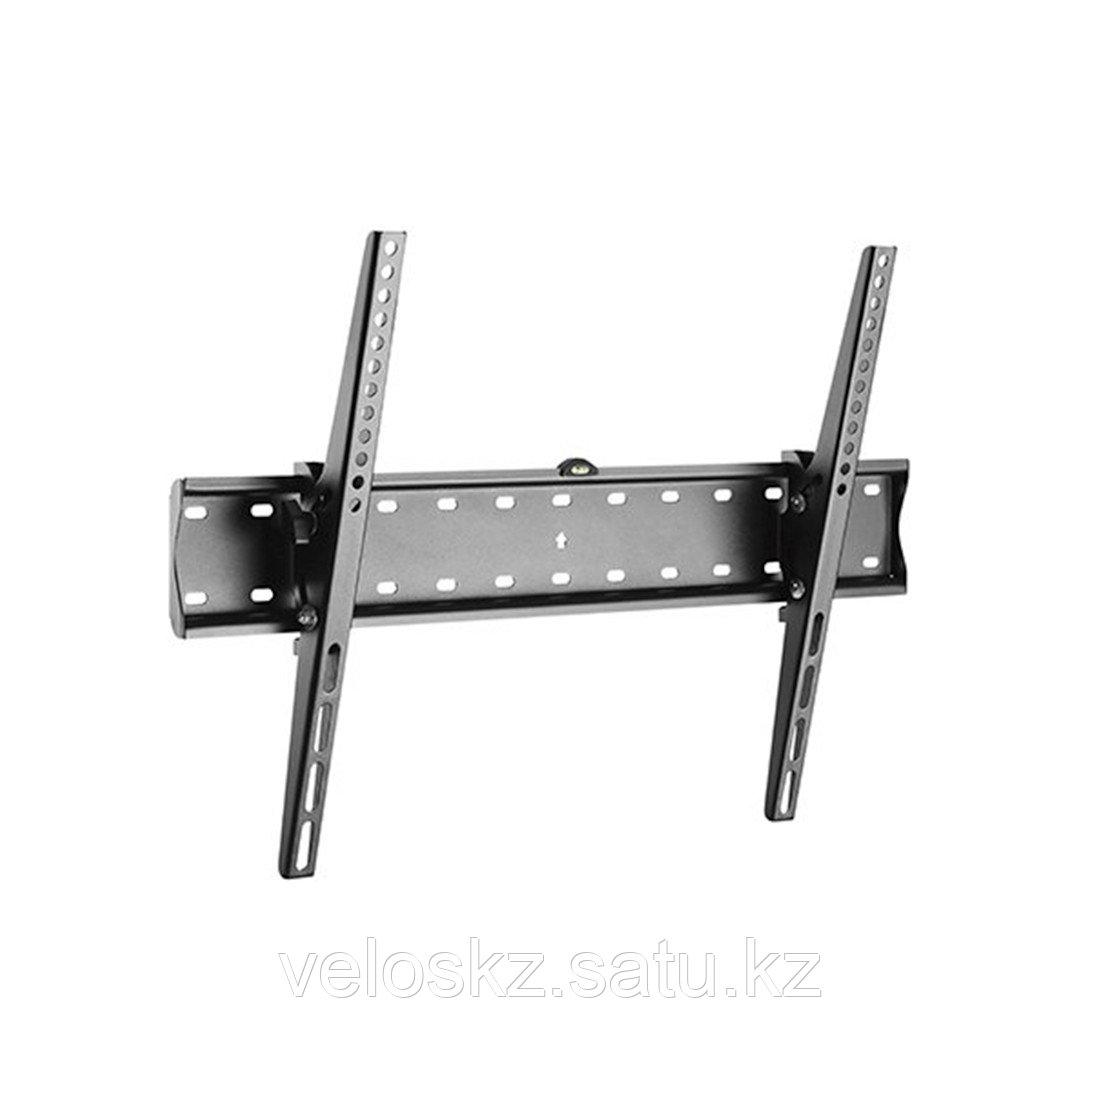 Brateck Крепление для ТВ и мониторов Brateck KL21G-46T, Макс. нагрузка - 40 кг, Диагональ 37-70